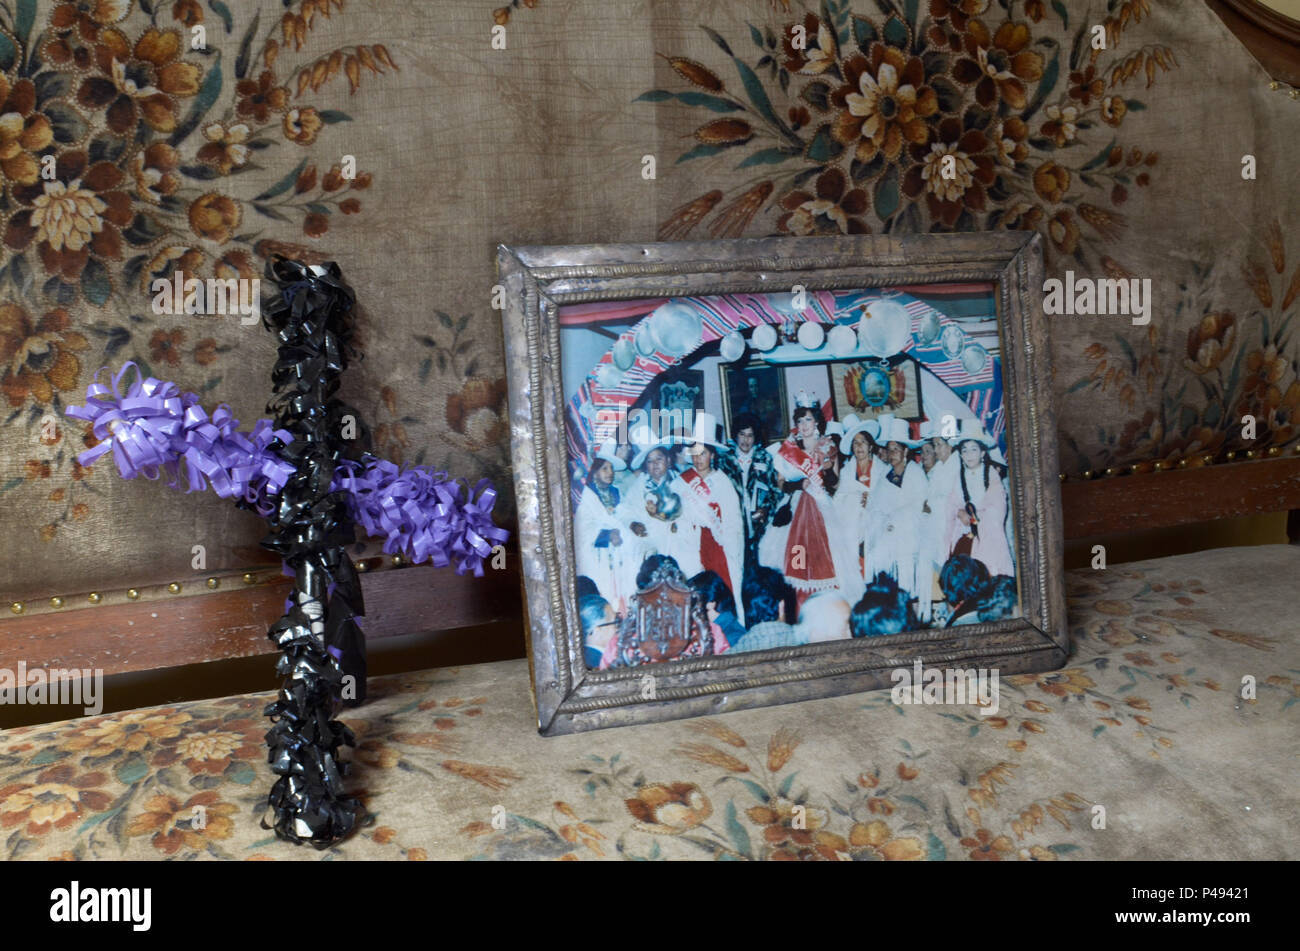 POTOSÍ, BOLÍVIA - 01.11.2014: DIA DOS FINADOS EM POTOSÍ - Crucifixo nas cores preto e lilás na cidade de Potosí, Bolívia. As cores preta e lilás são as cores que representam os mortos no dia de los muertos (dia de finados) segundo as tradições dos povos andinos. (Foto: Diego Herculano / Fotoarena) - Stock Image